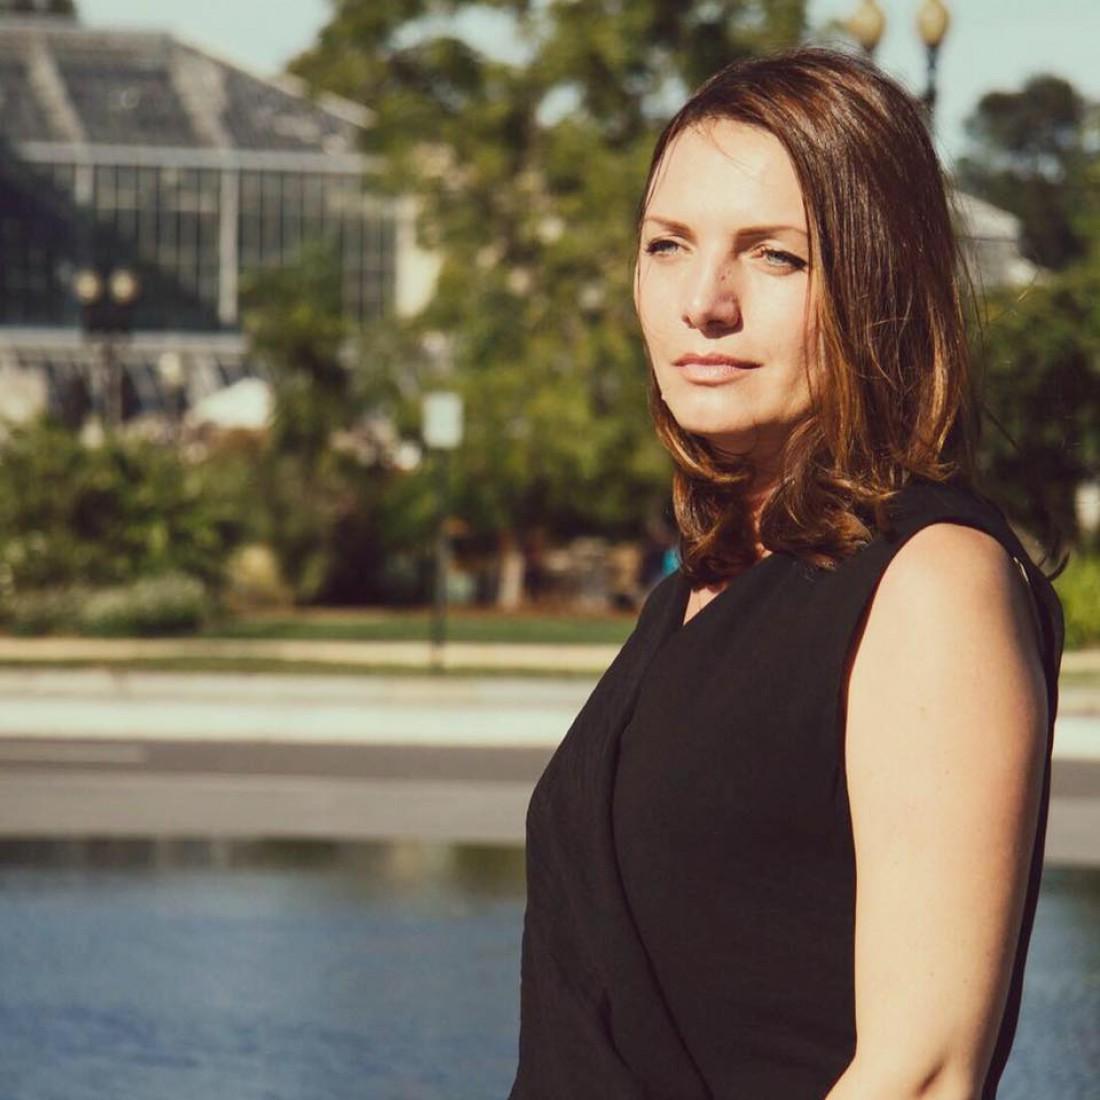 Украинская журналистка Мирослава Гонгадзе